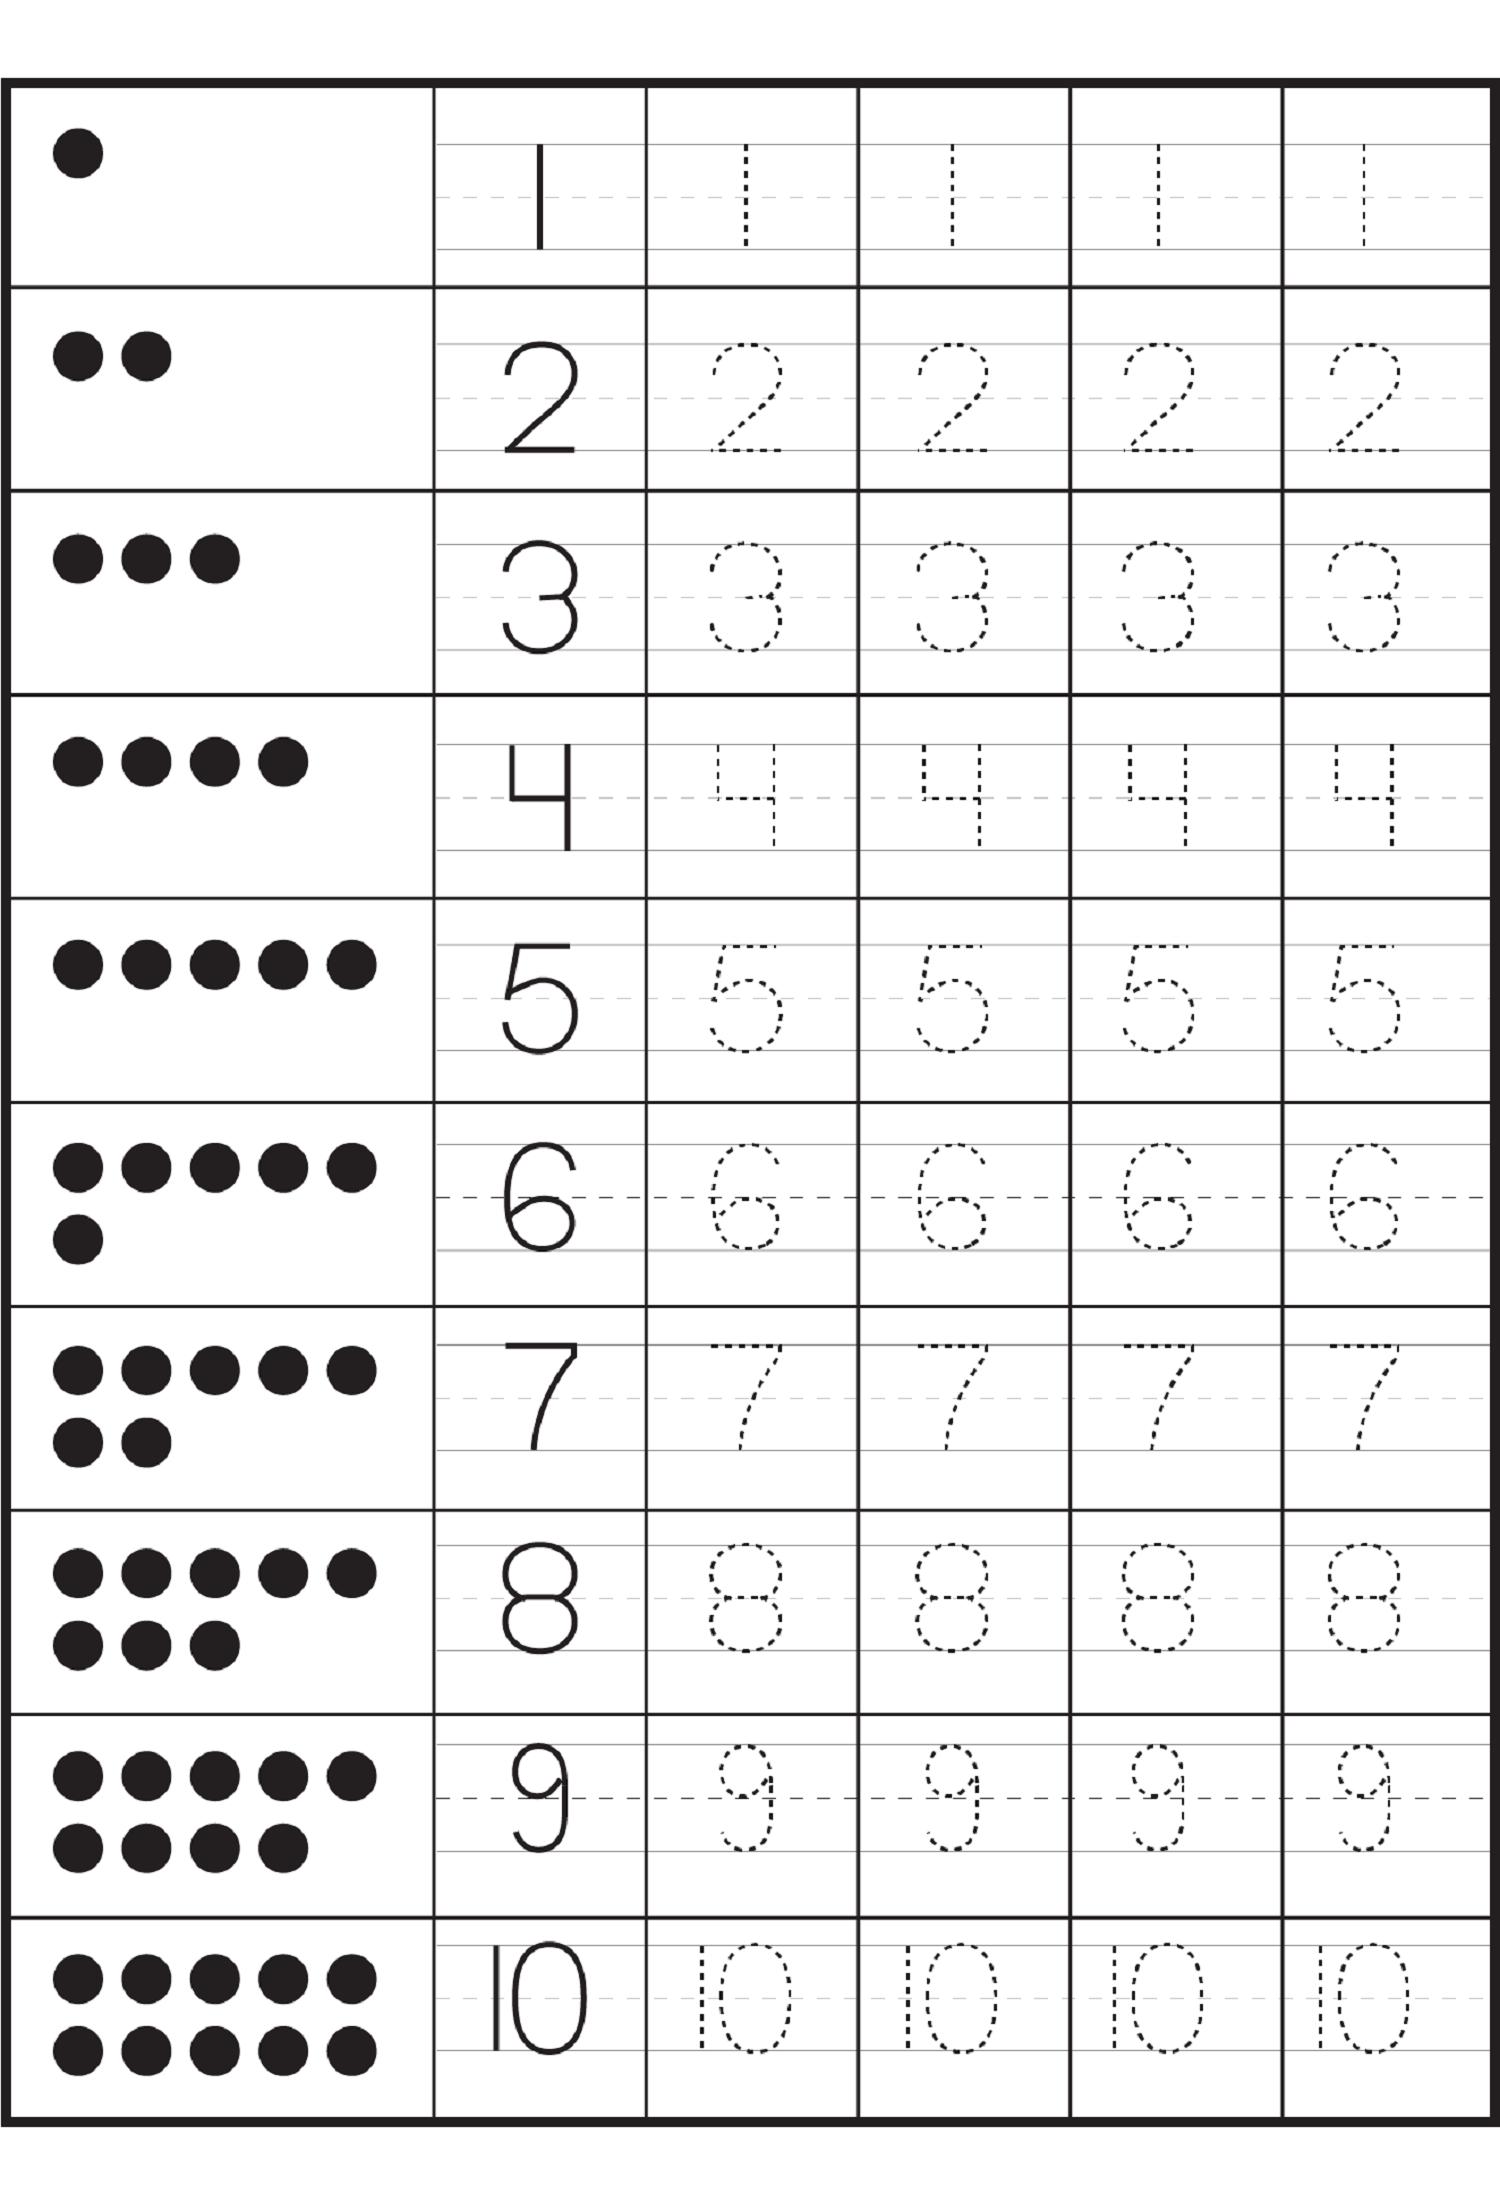 Kindergarten Number Worksheets Writing Numbers To 6 2 21 Worksheet